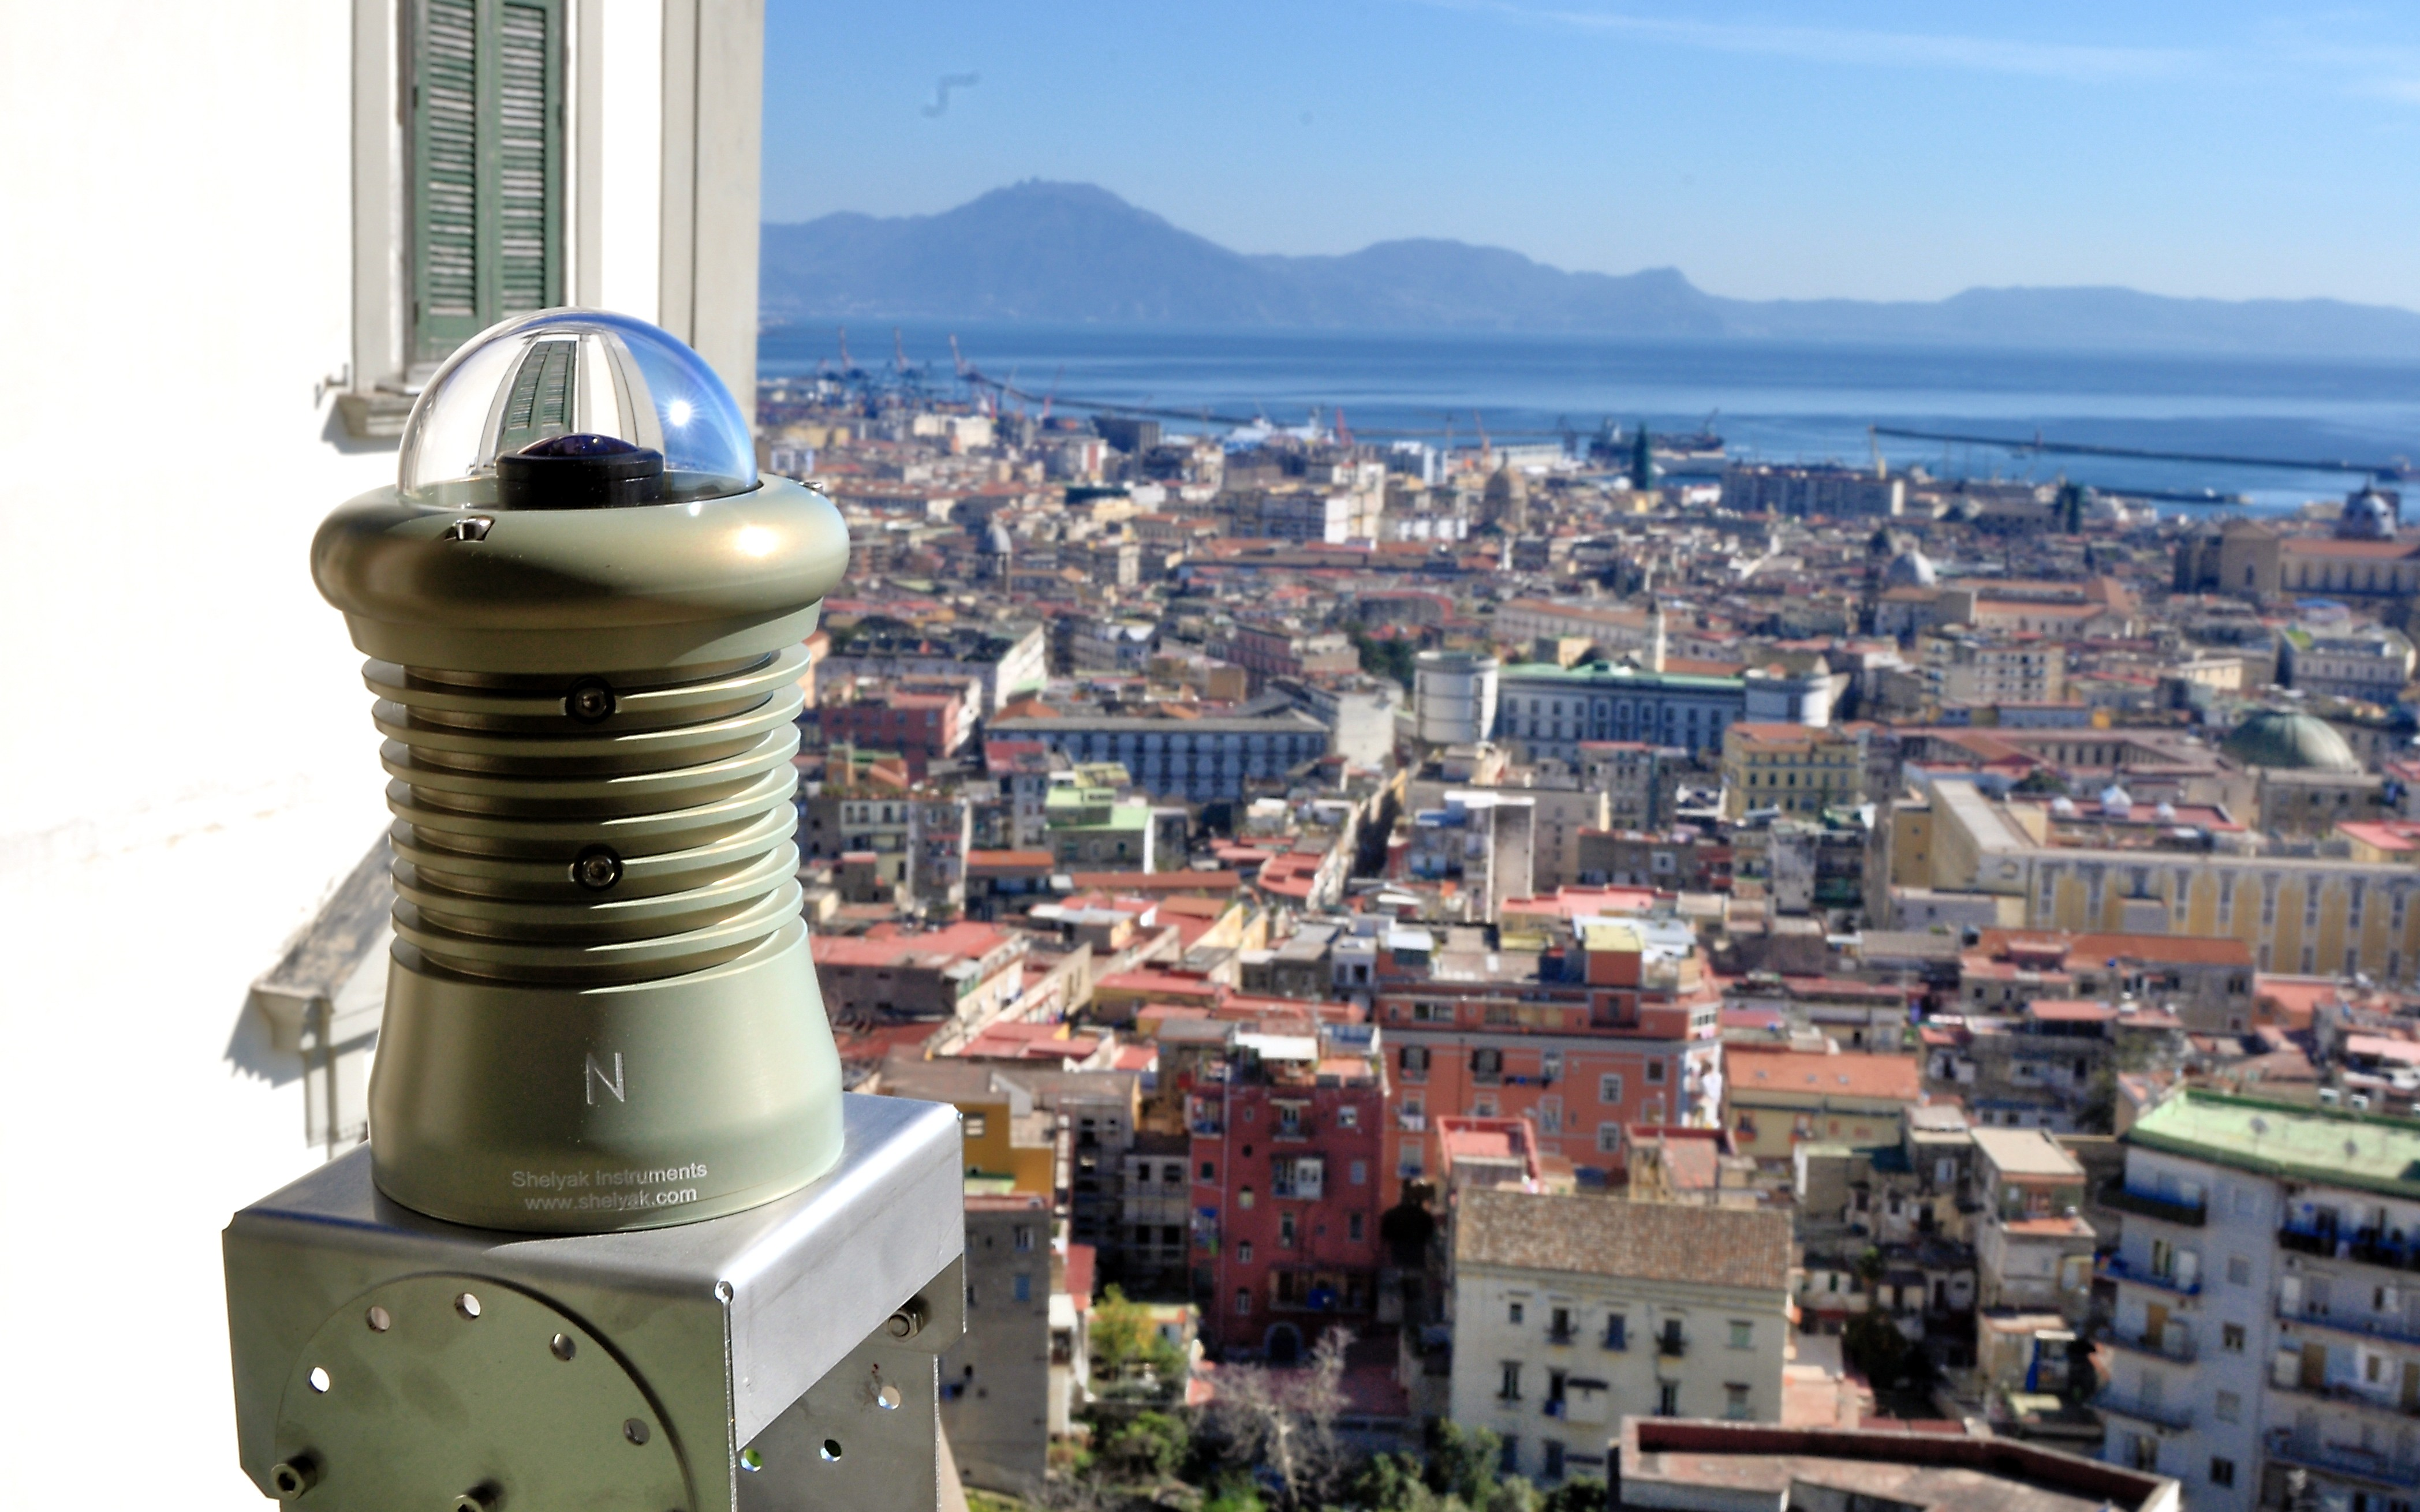 Ufficio Di Sorveglianza Di Napoli : Napoli oltre anni di carcere a crispo per violazione agli